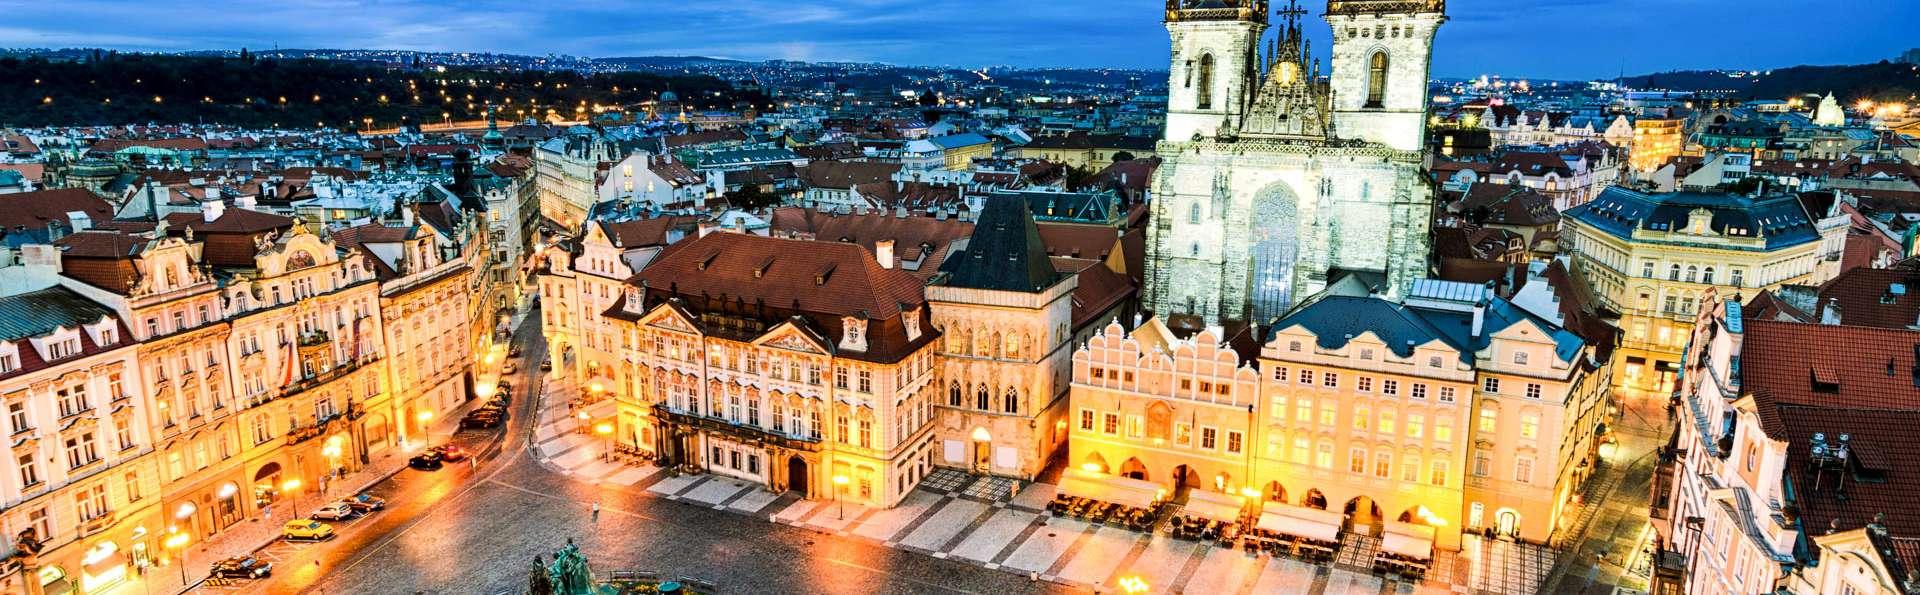 Recorre las calles de Praga